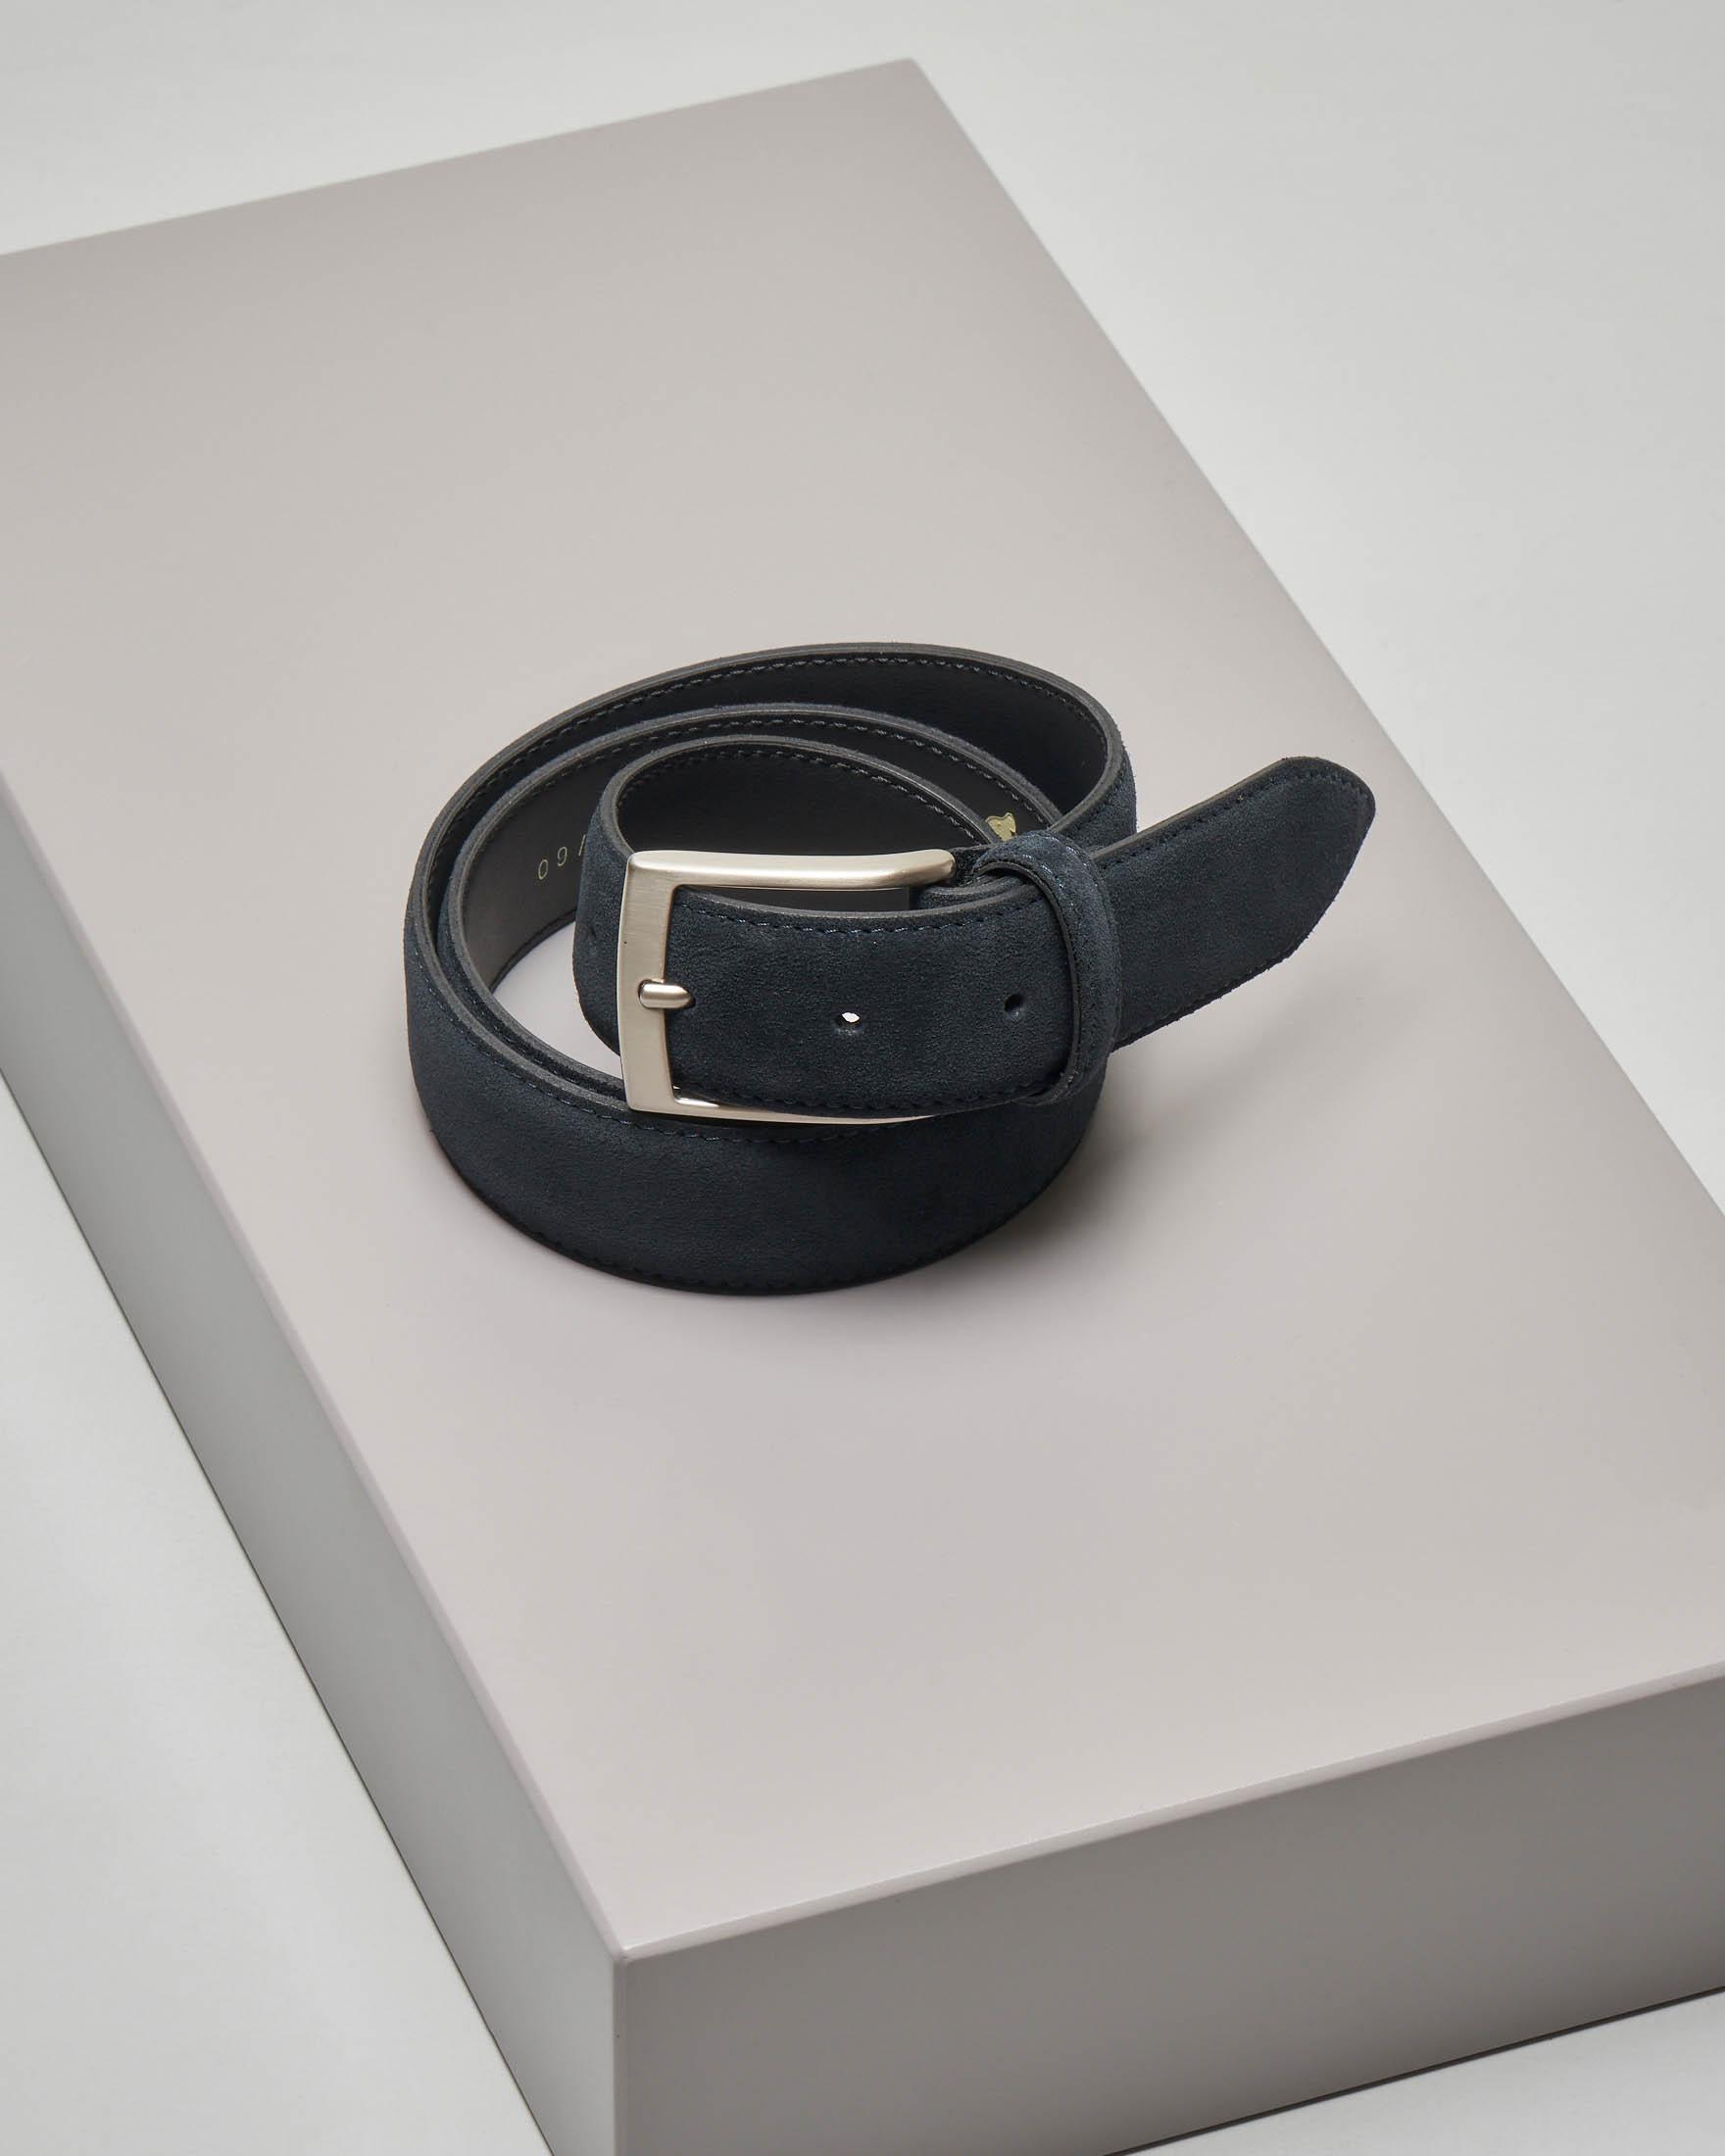 Cintura blu scuro in pelle scamosciata